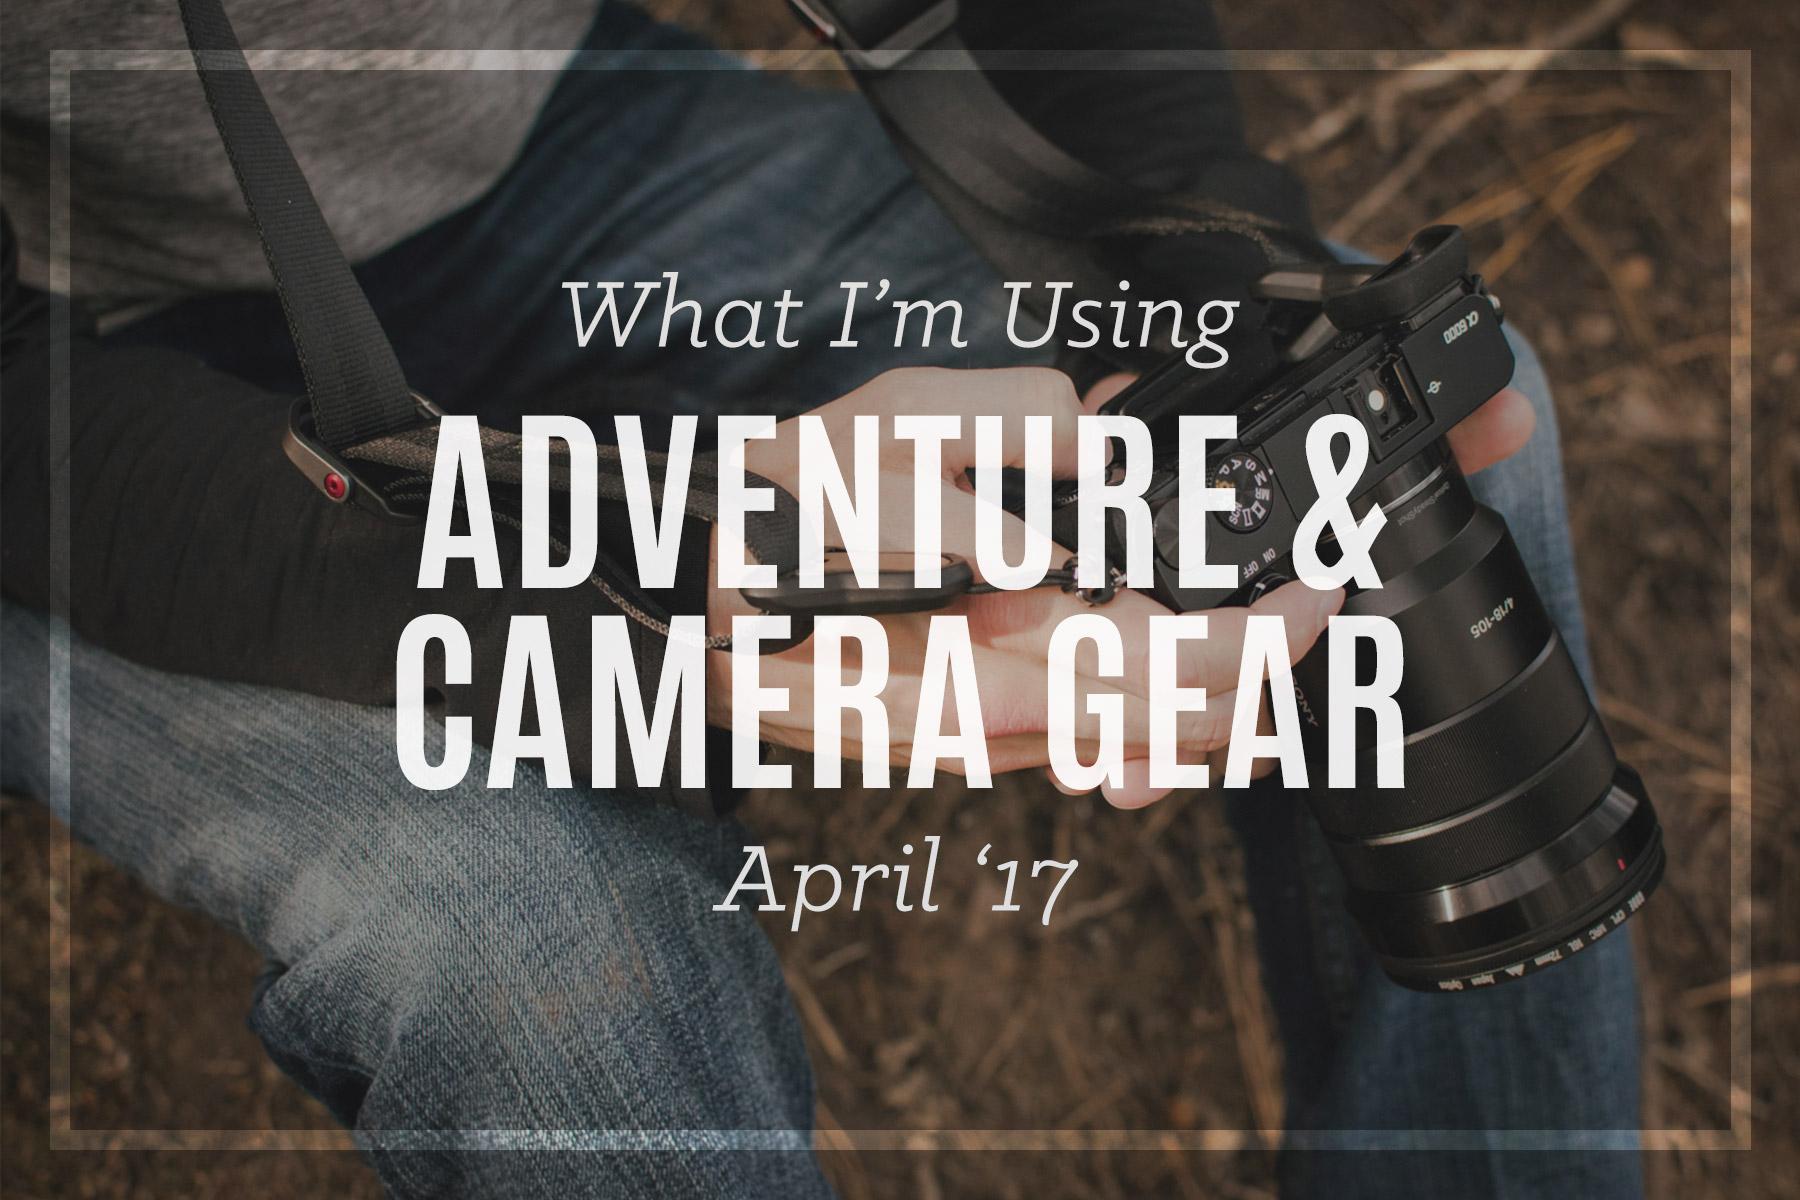 Adventure Camera Gear